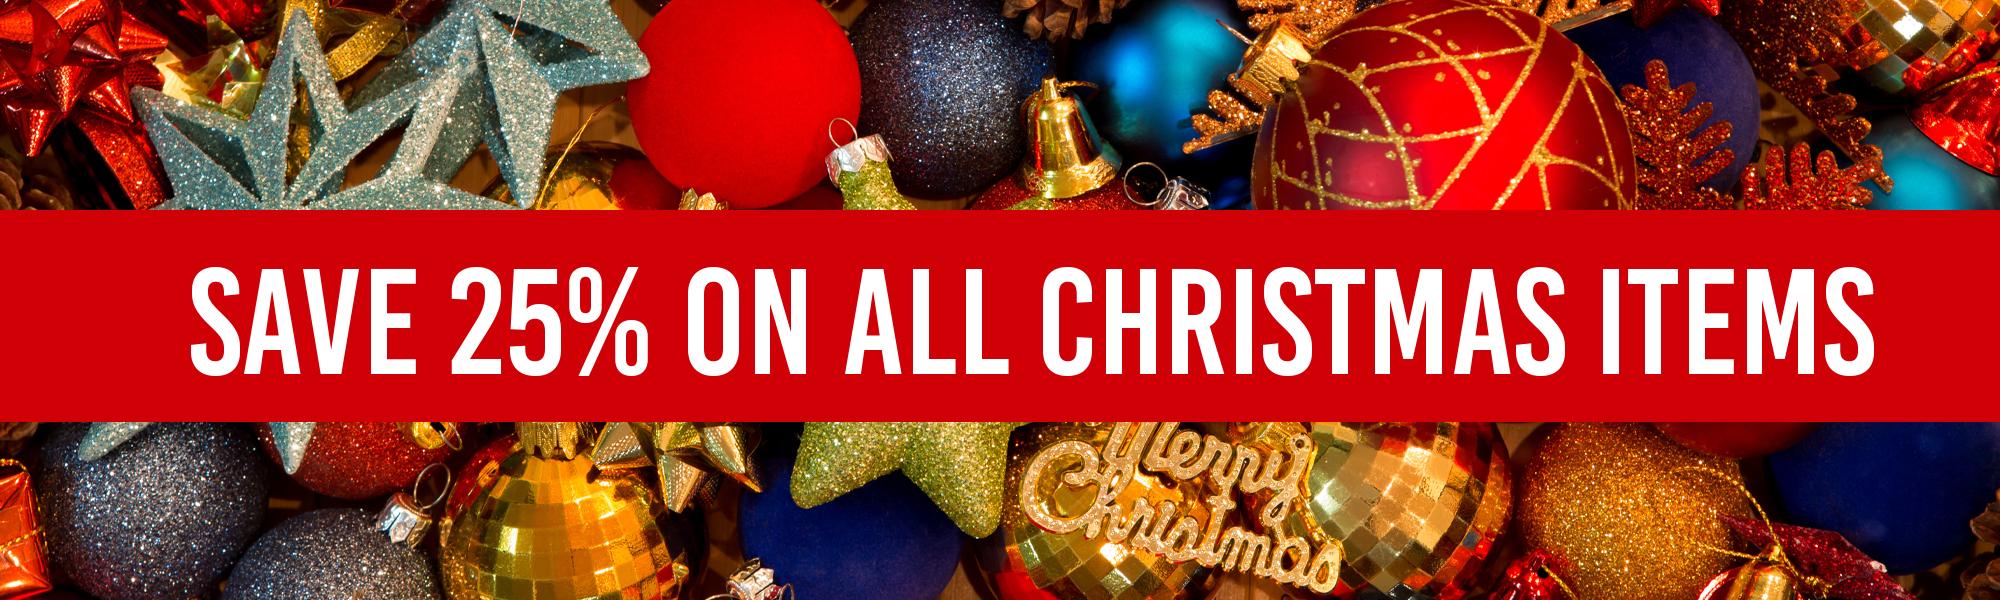 Save 25% on All Christmas Items